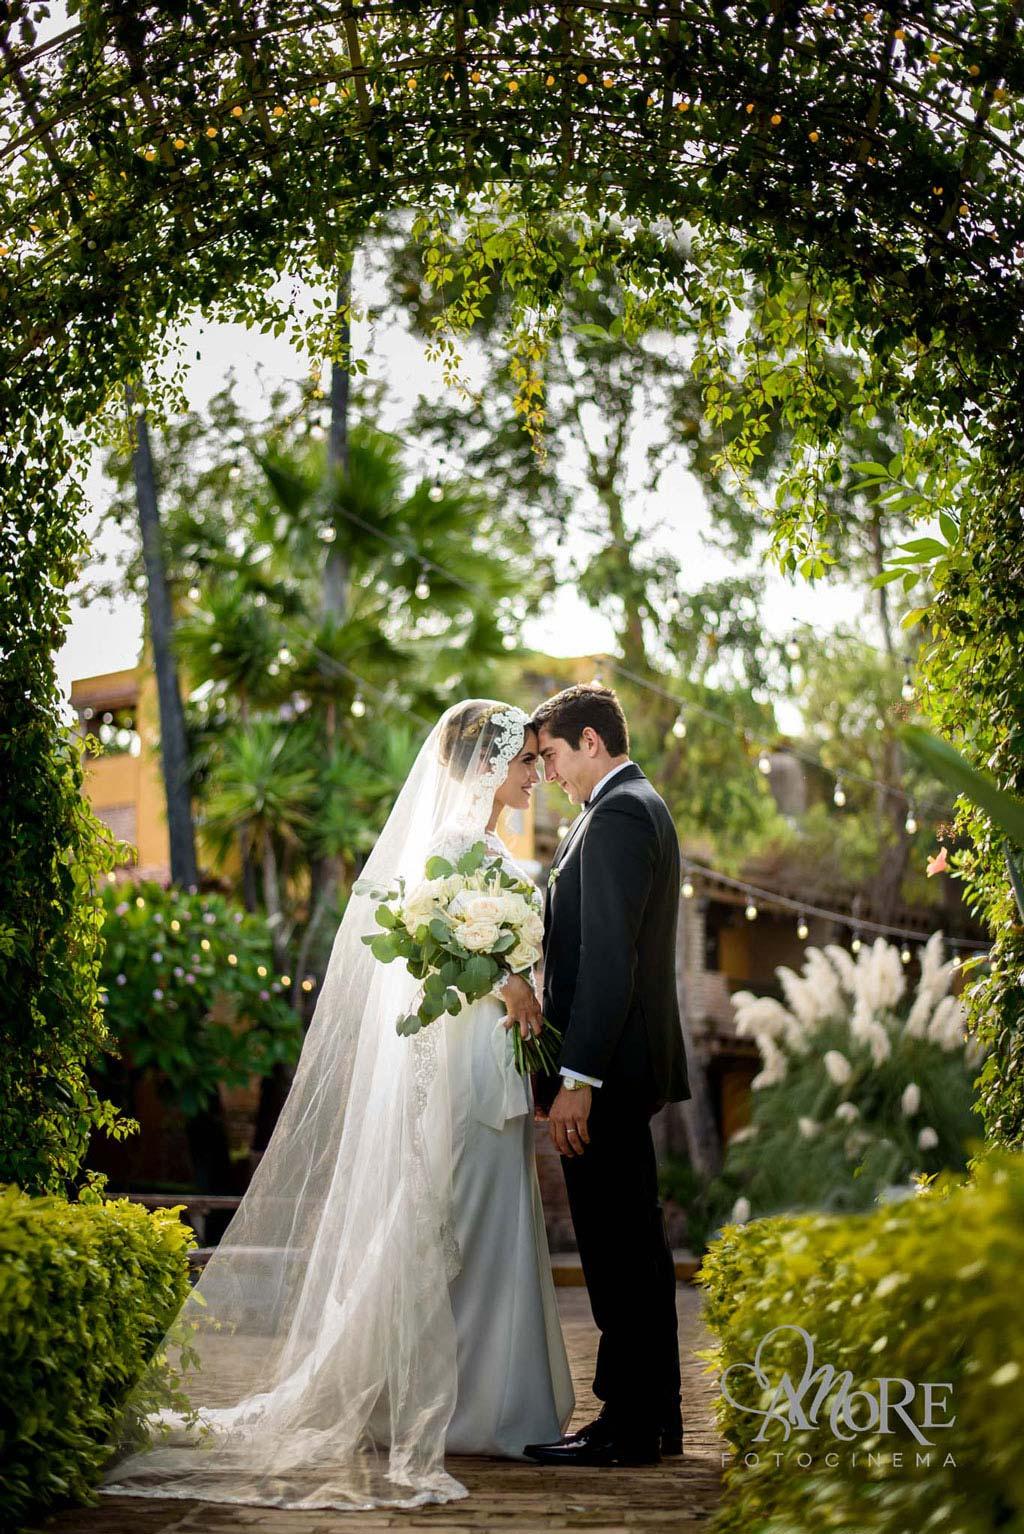 Fotografia de bodas en Ocotlan Jal